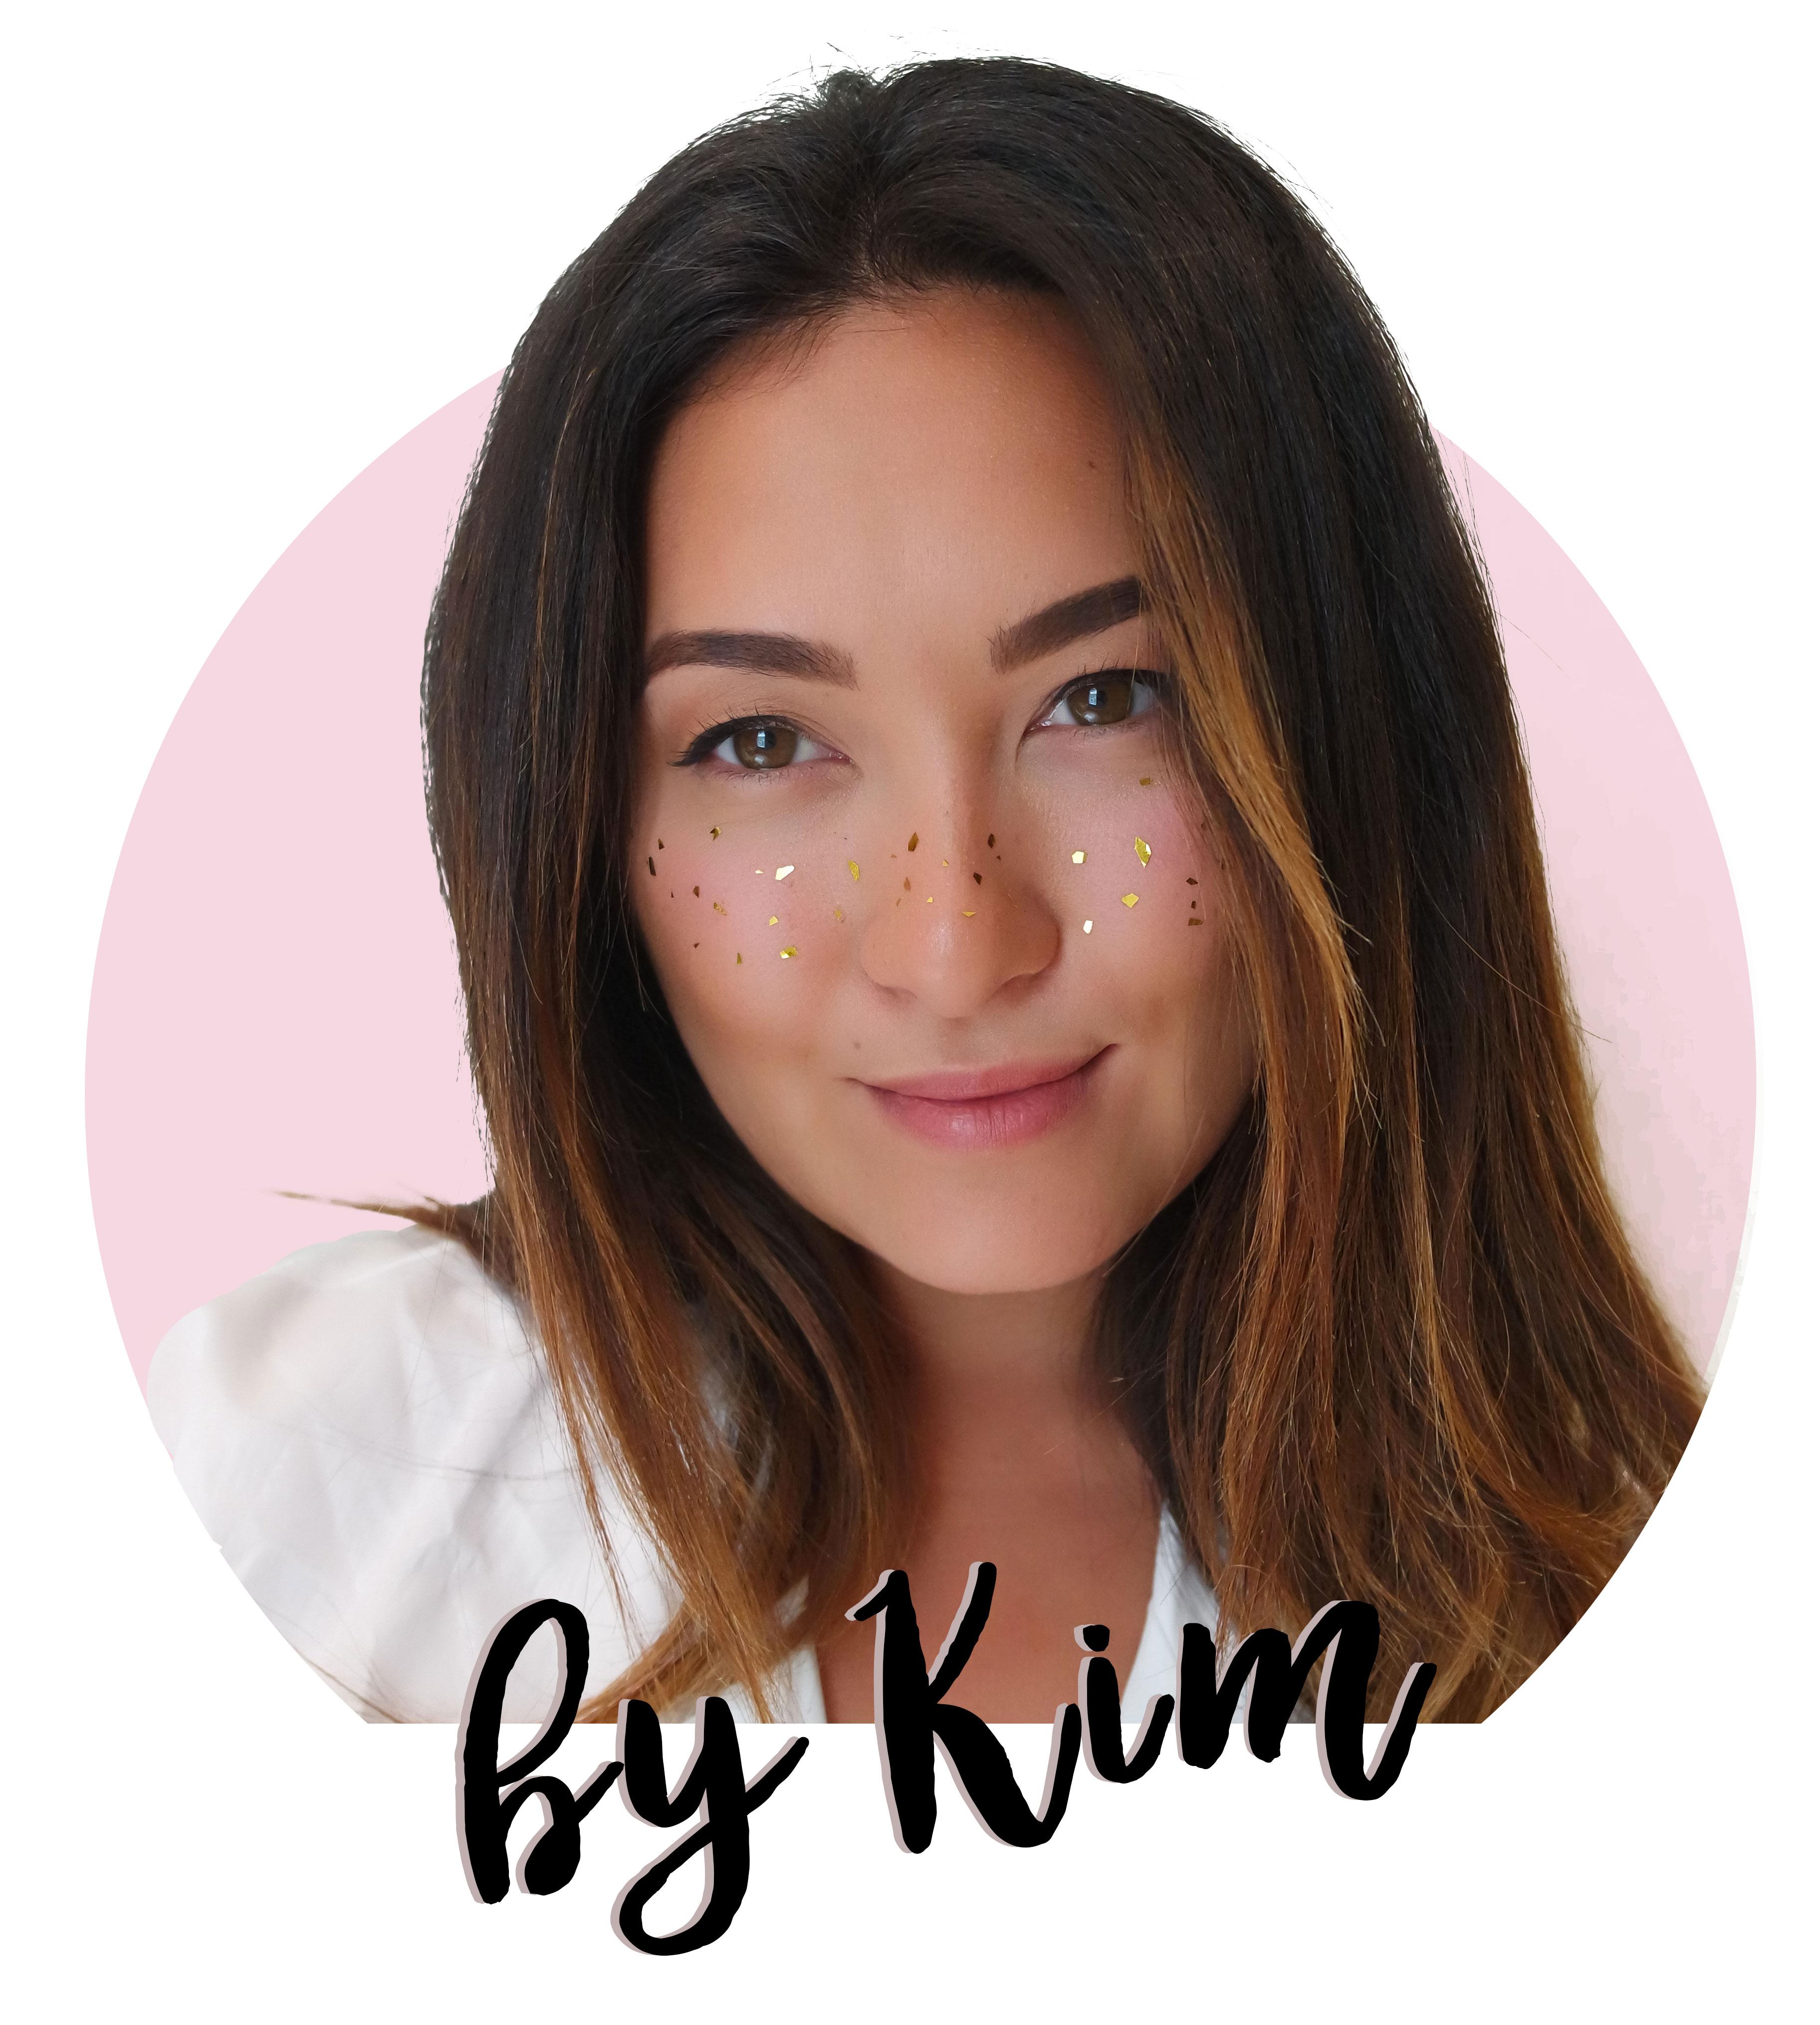 ellemixe-blog-kim-blogueuse-belge-belgique-mode-beaute-voyage-diy-cuisine-influence